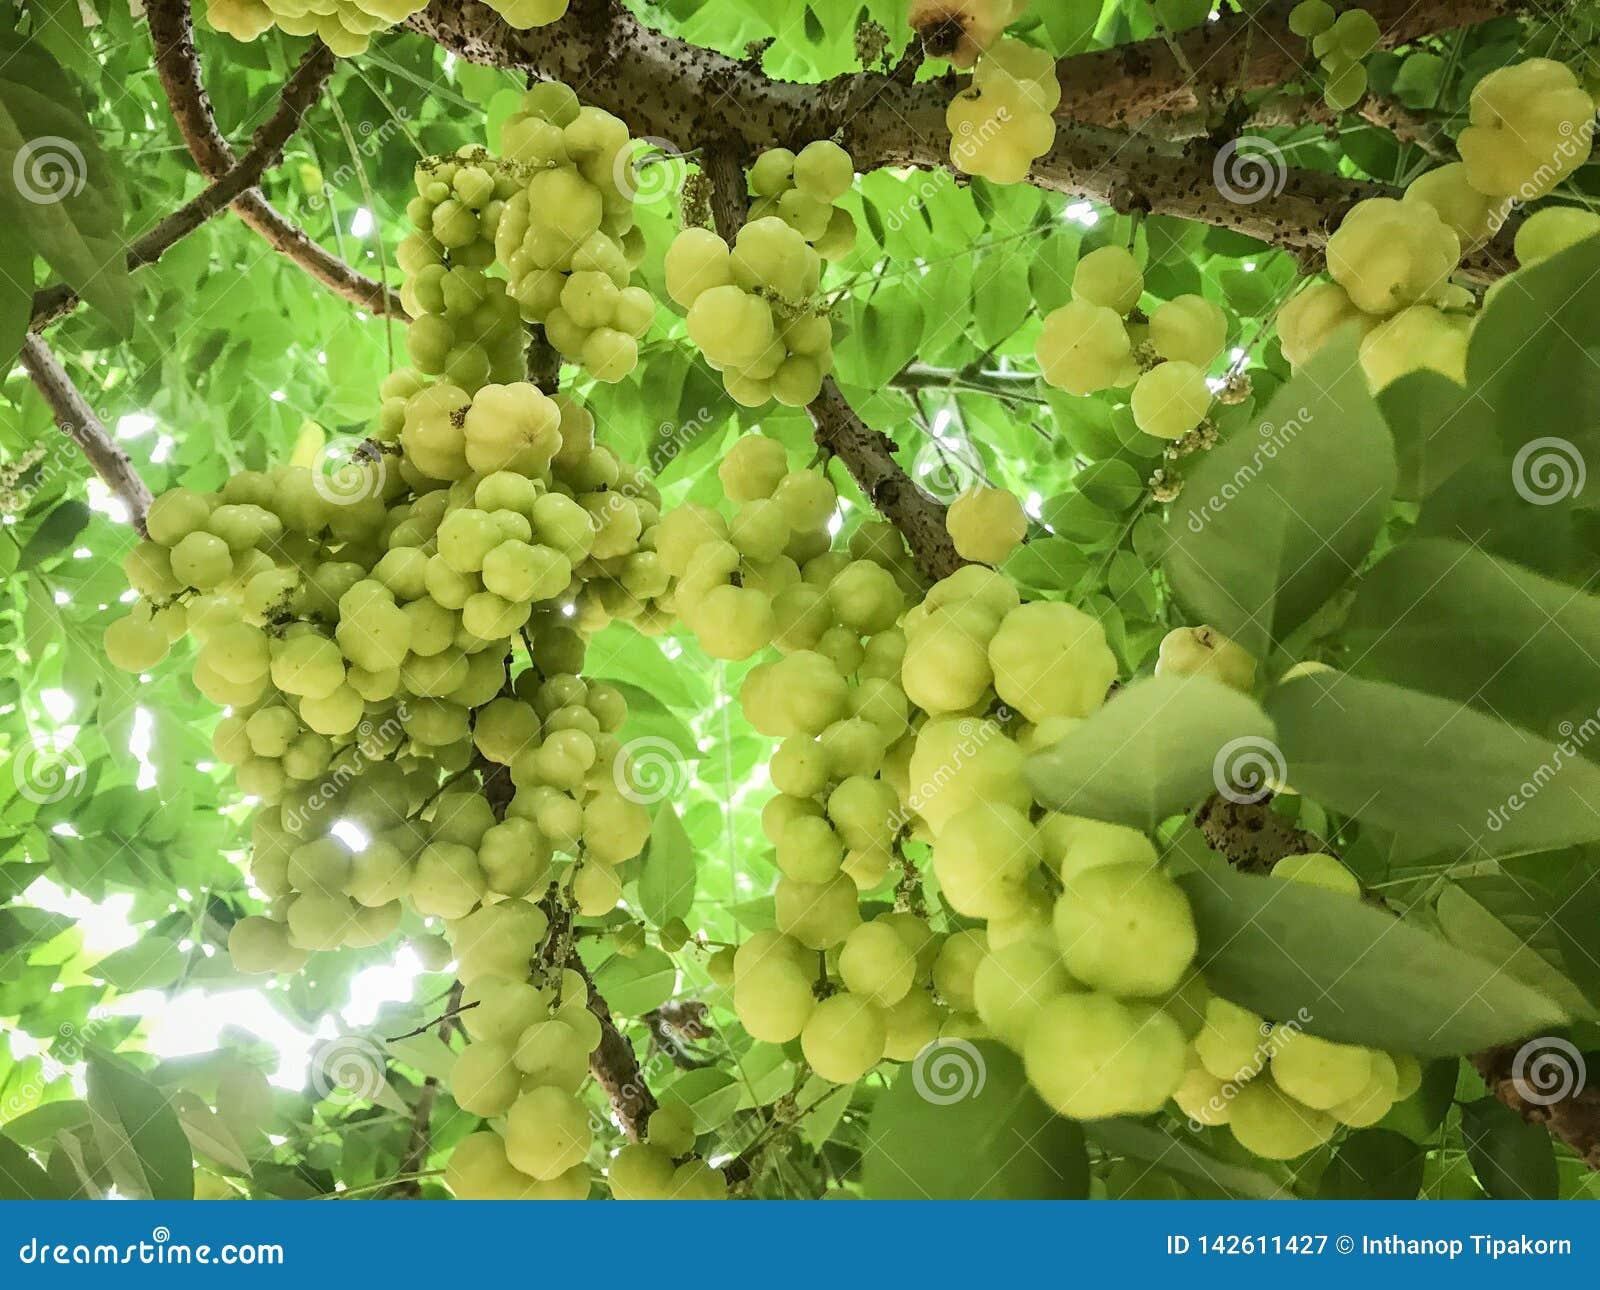 Gooseberry on the tree